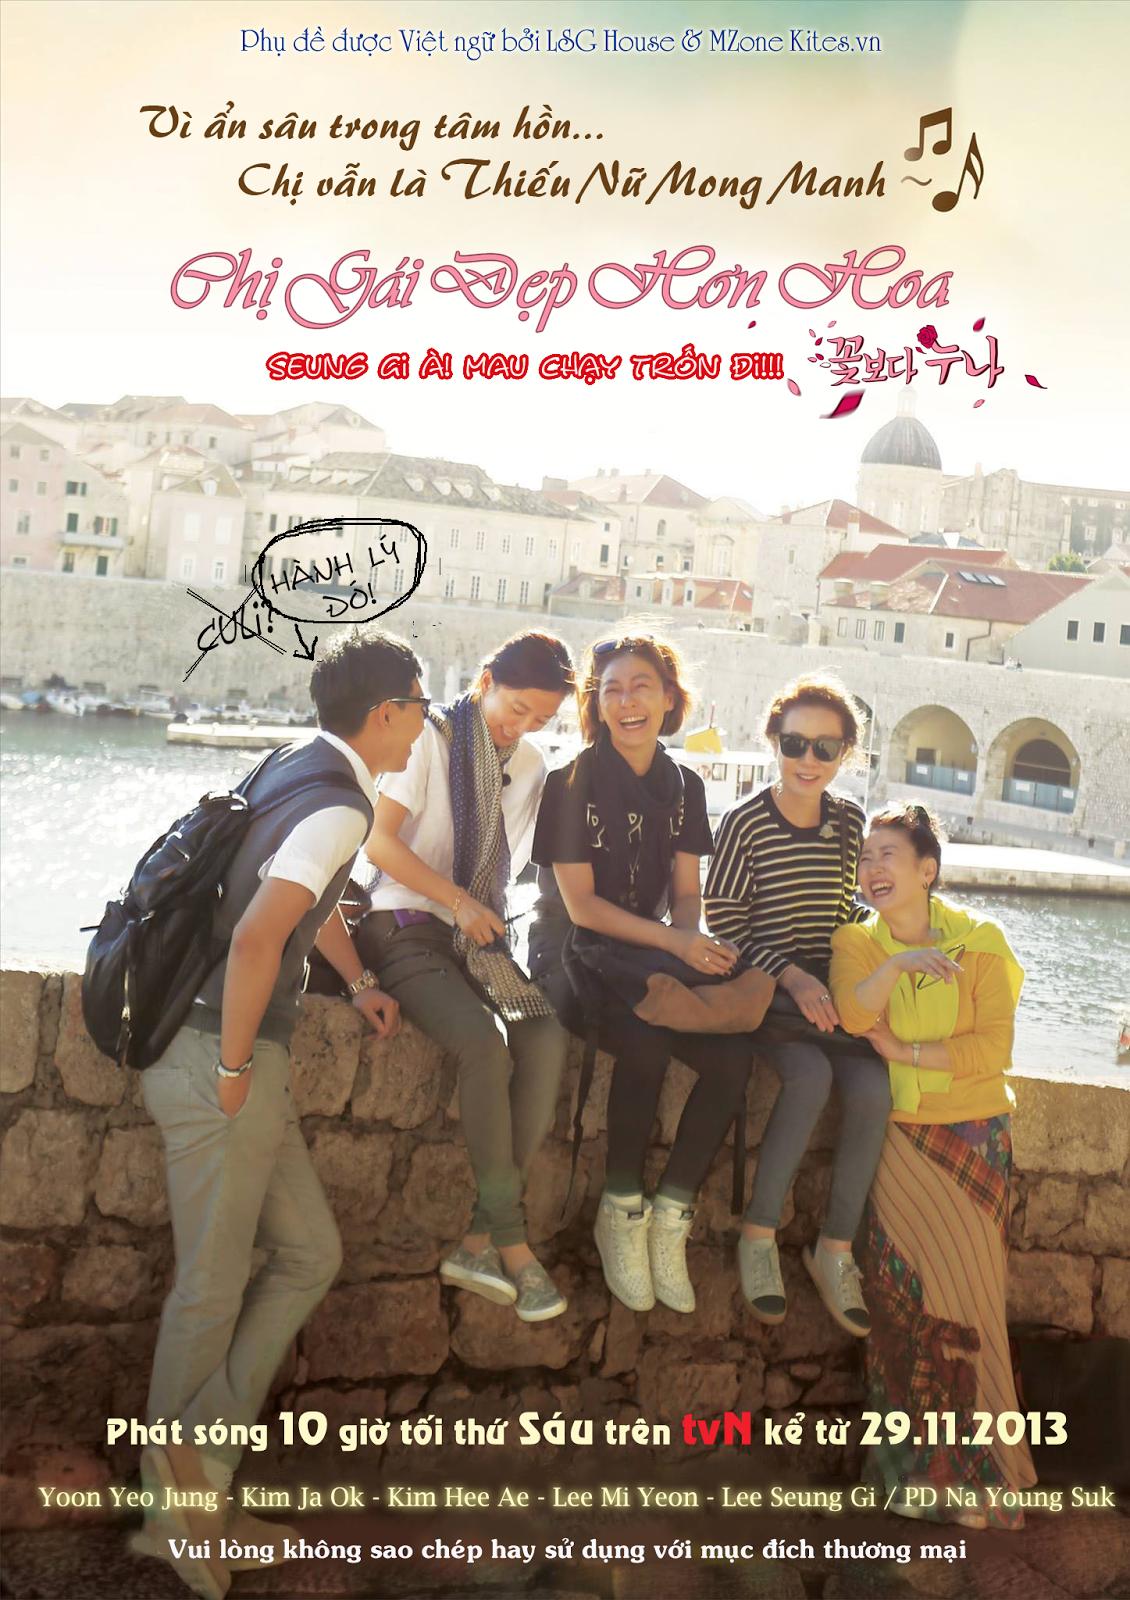 xem phim chi gai dep hon hoa full hd vietsub online poster